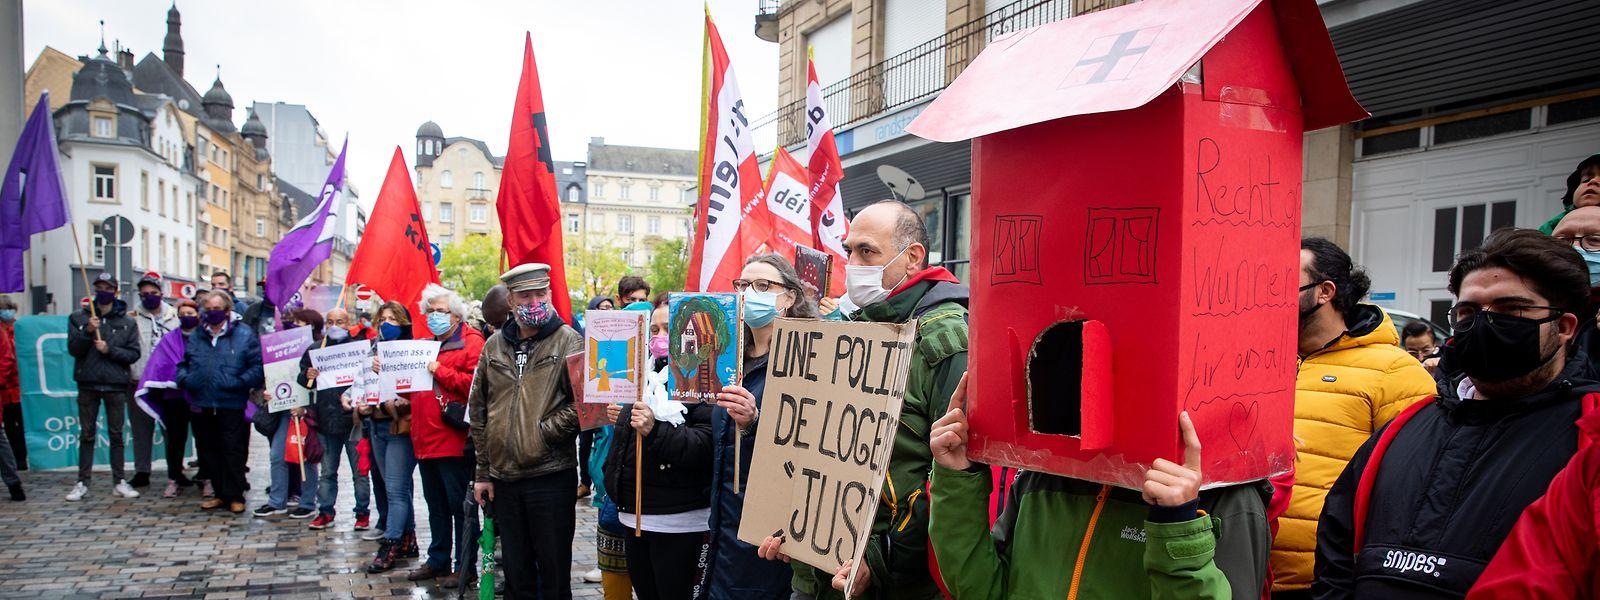 Déjà fin septembre, une manifestation sur le droit au logement avait été organisée à Esch-sur-Alzette. La pression monte.